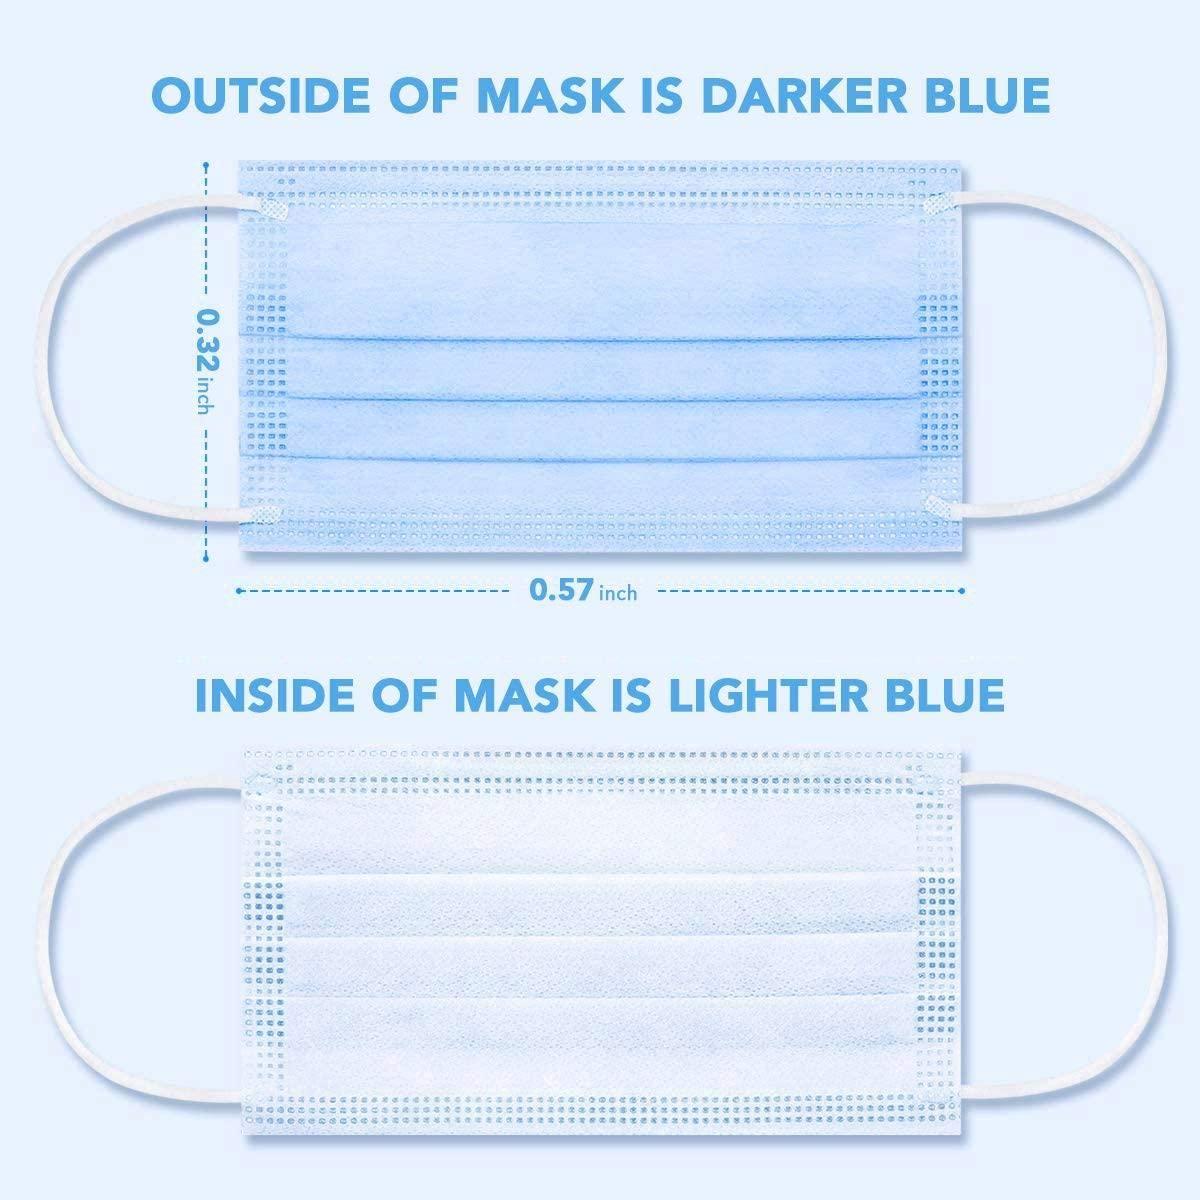 Schicht für und Anti-Staub-Offene 3 Nanofaser-Masken-Sicherheits-elastischer Filter-Futter-elastische Schichten-Gesicht mit Masken-Gesichtsschutz 3 Svun